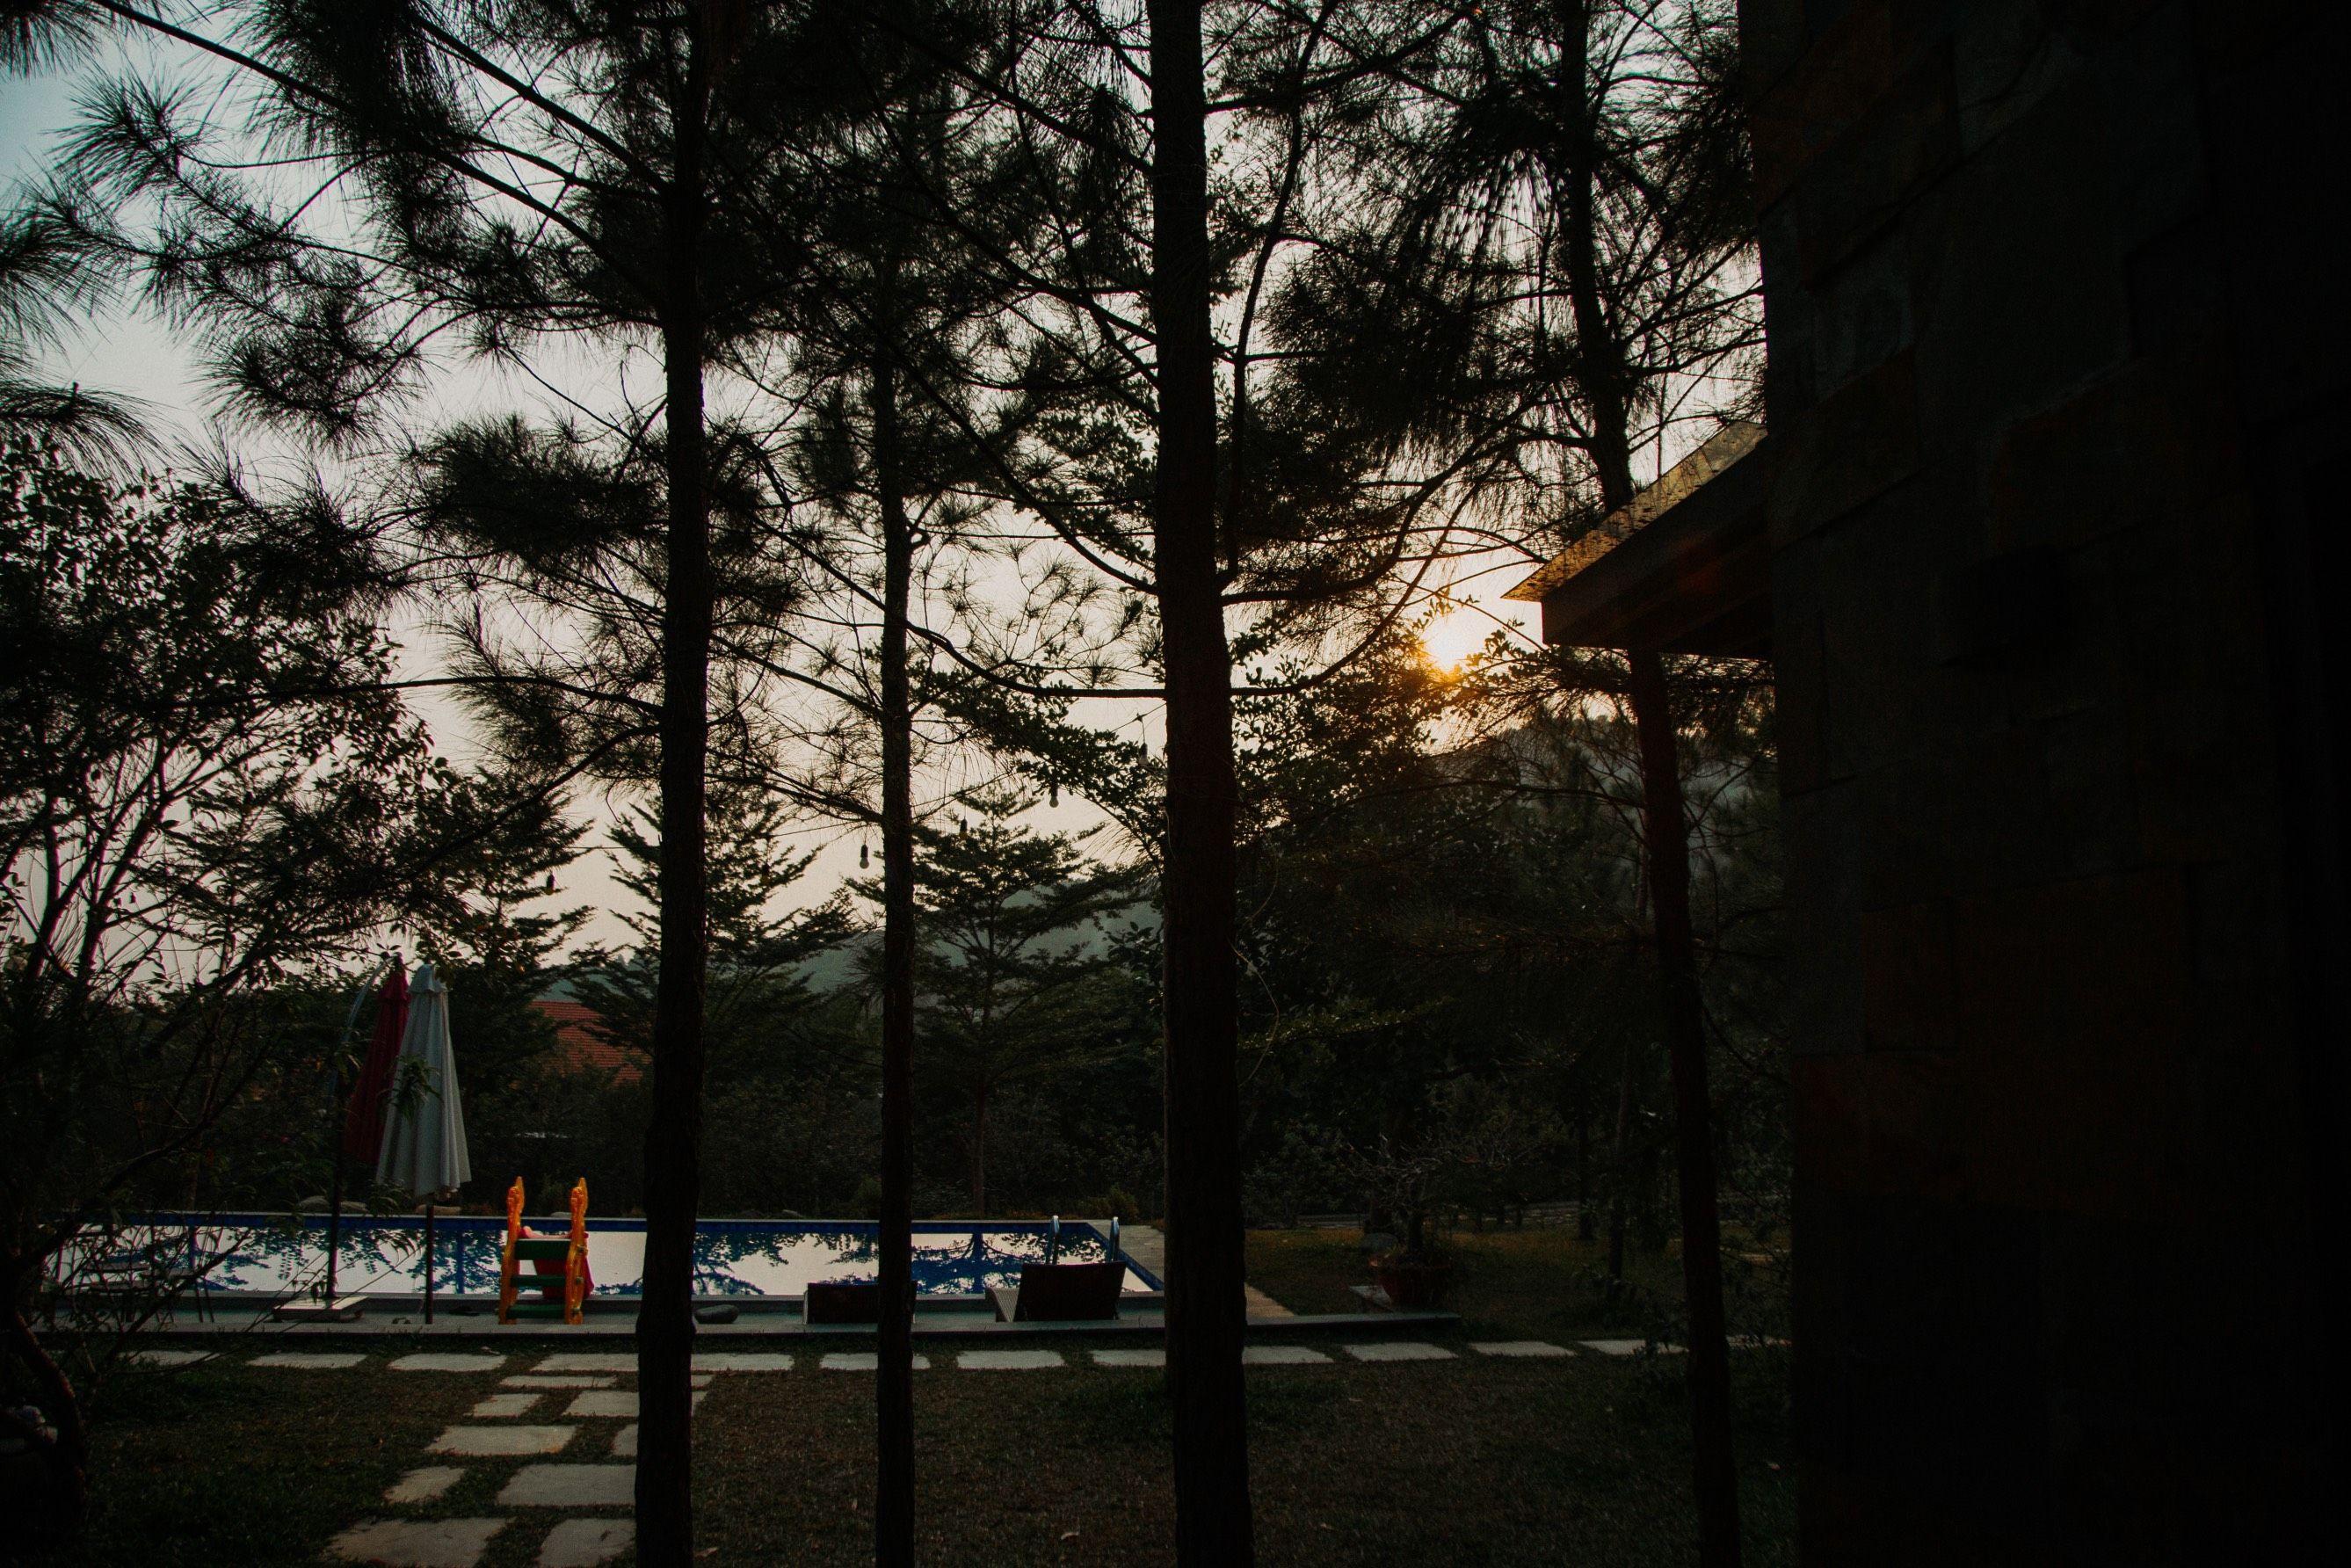 khong-gian-lee-garden-homestay-soc-son-ha-noi-17